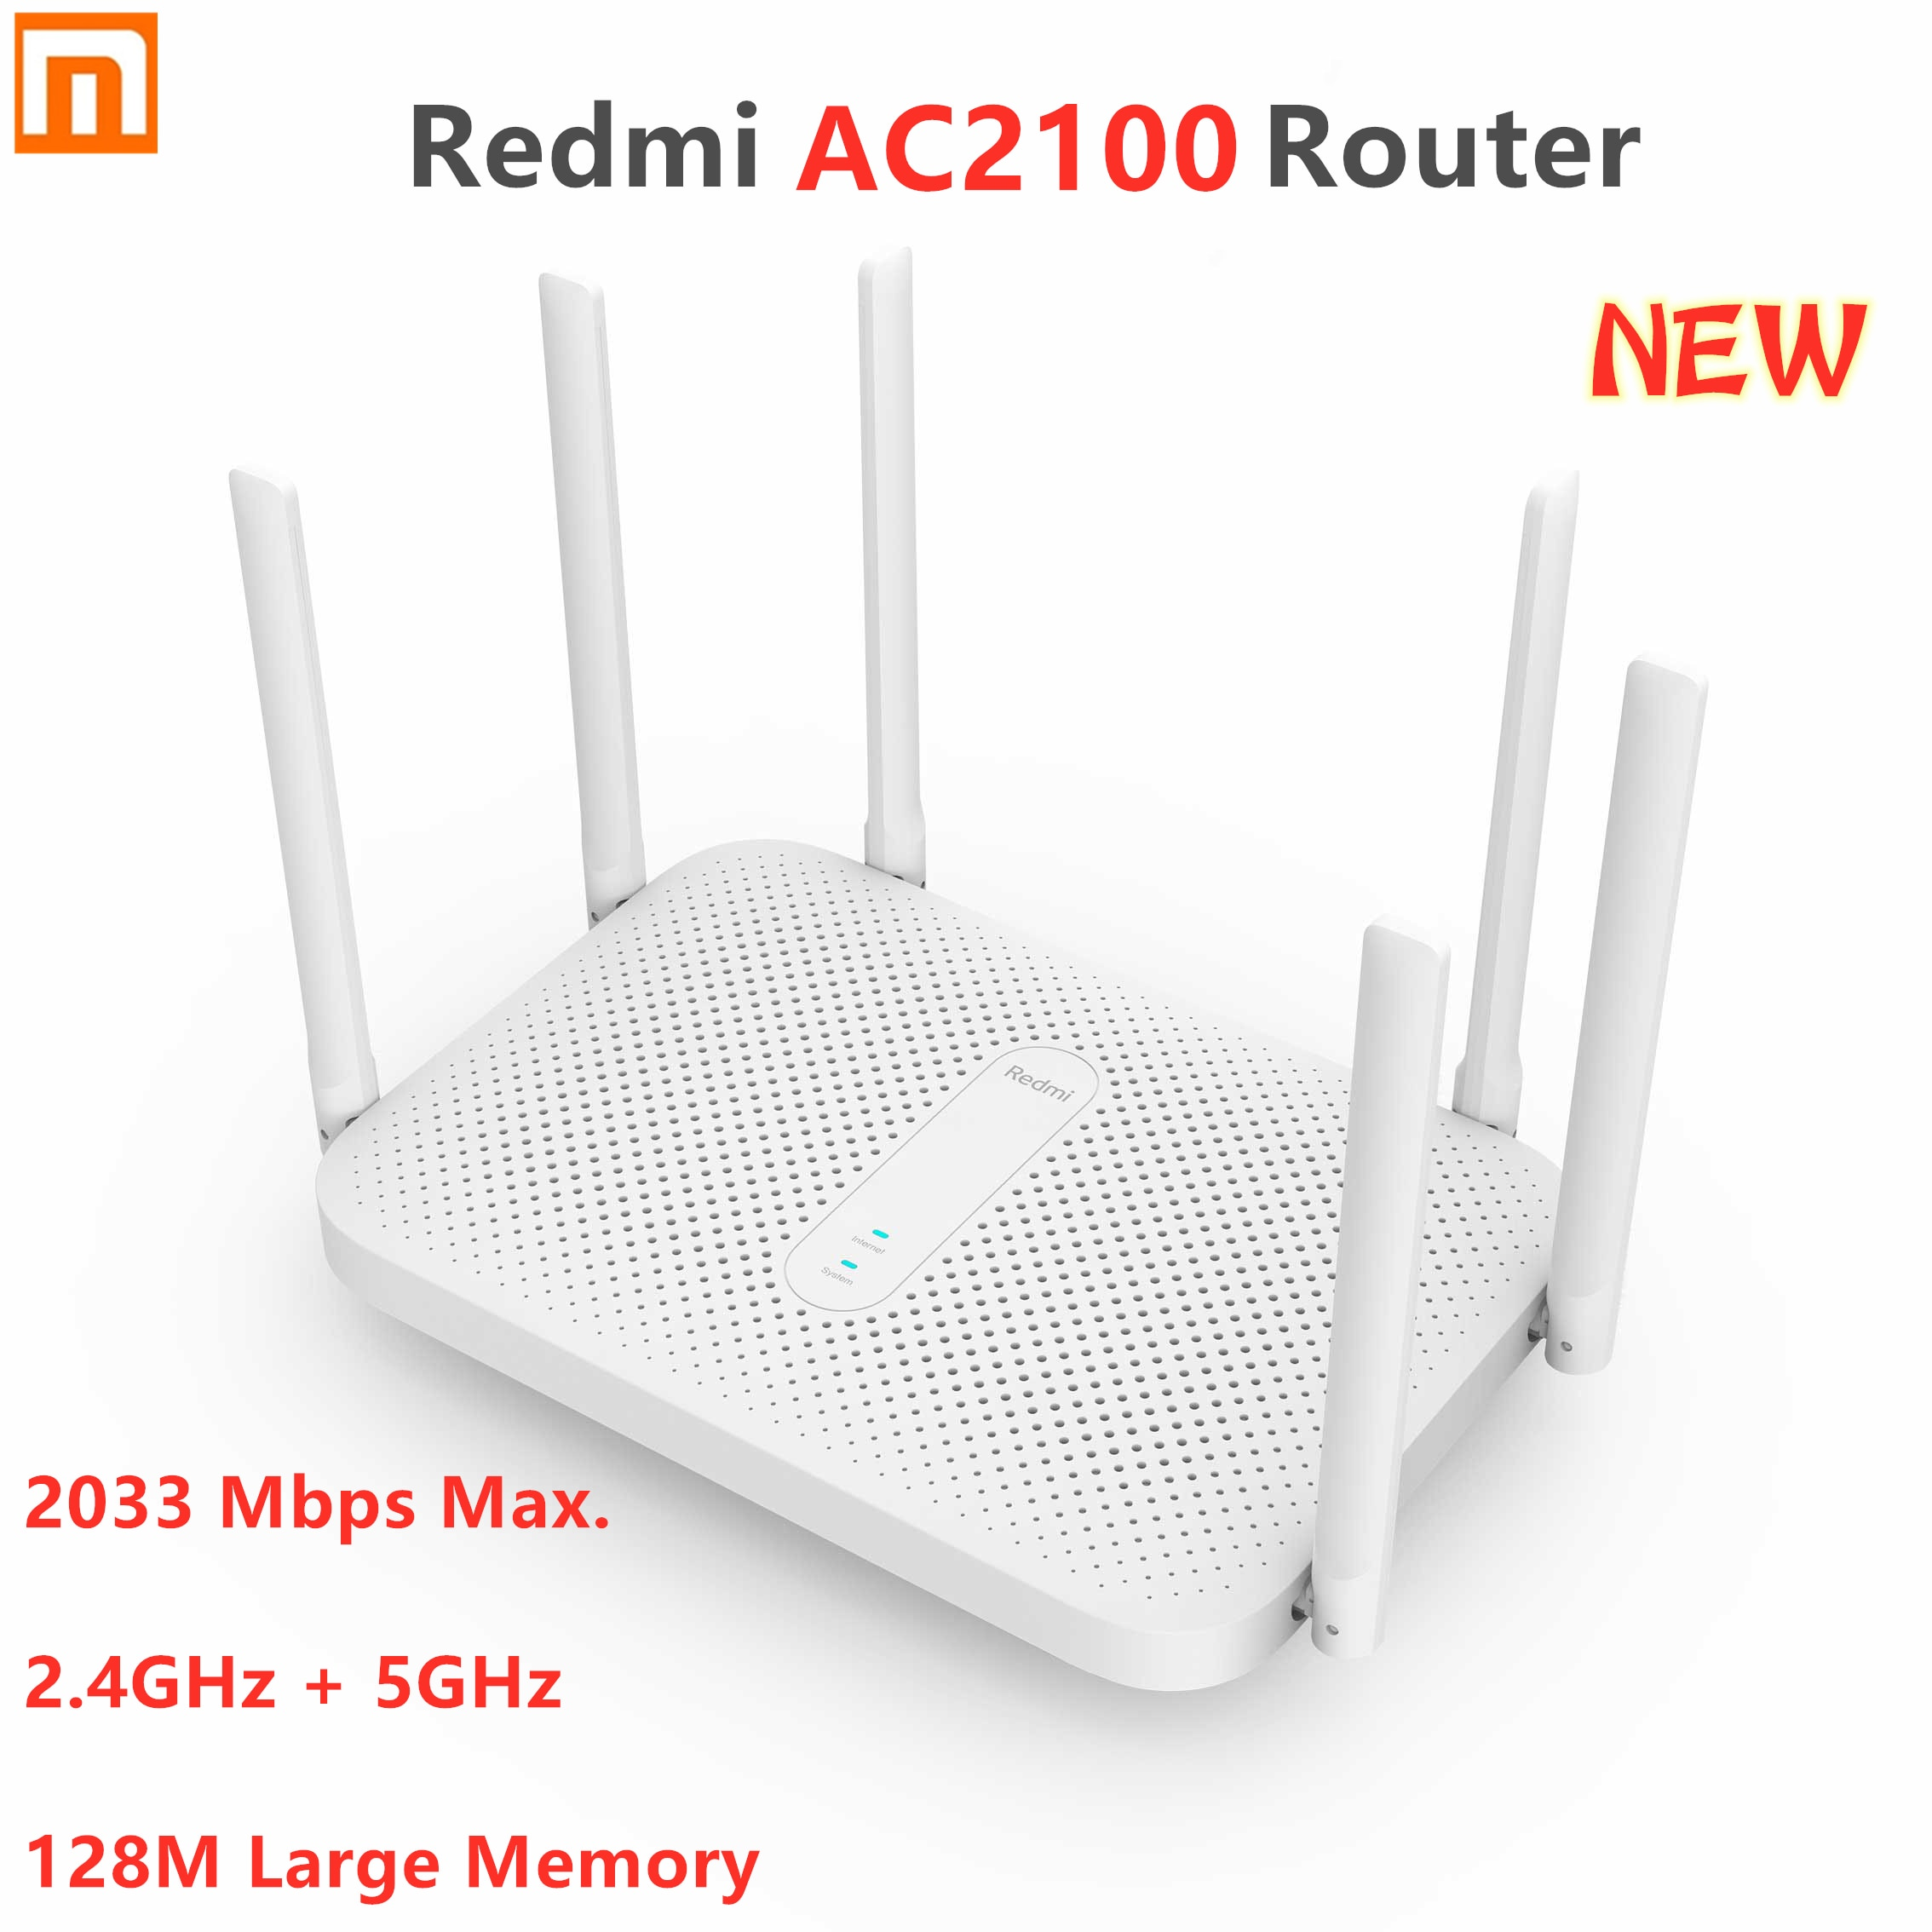 Беспроводной маршрутизатор Xiaomi Redmi AC2100 Gigabit 2,4G, 5,0 ГГц, 2033 Мбит/с, 6 антенн с высоким коэффициентом усиления